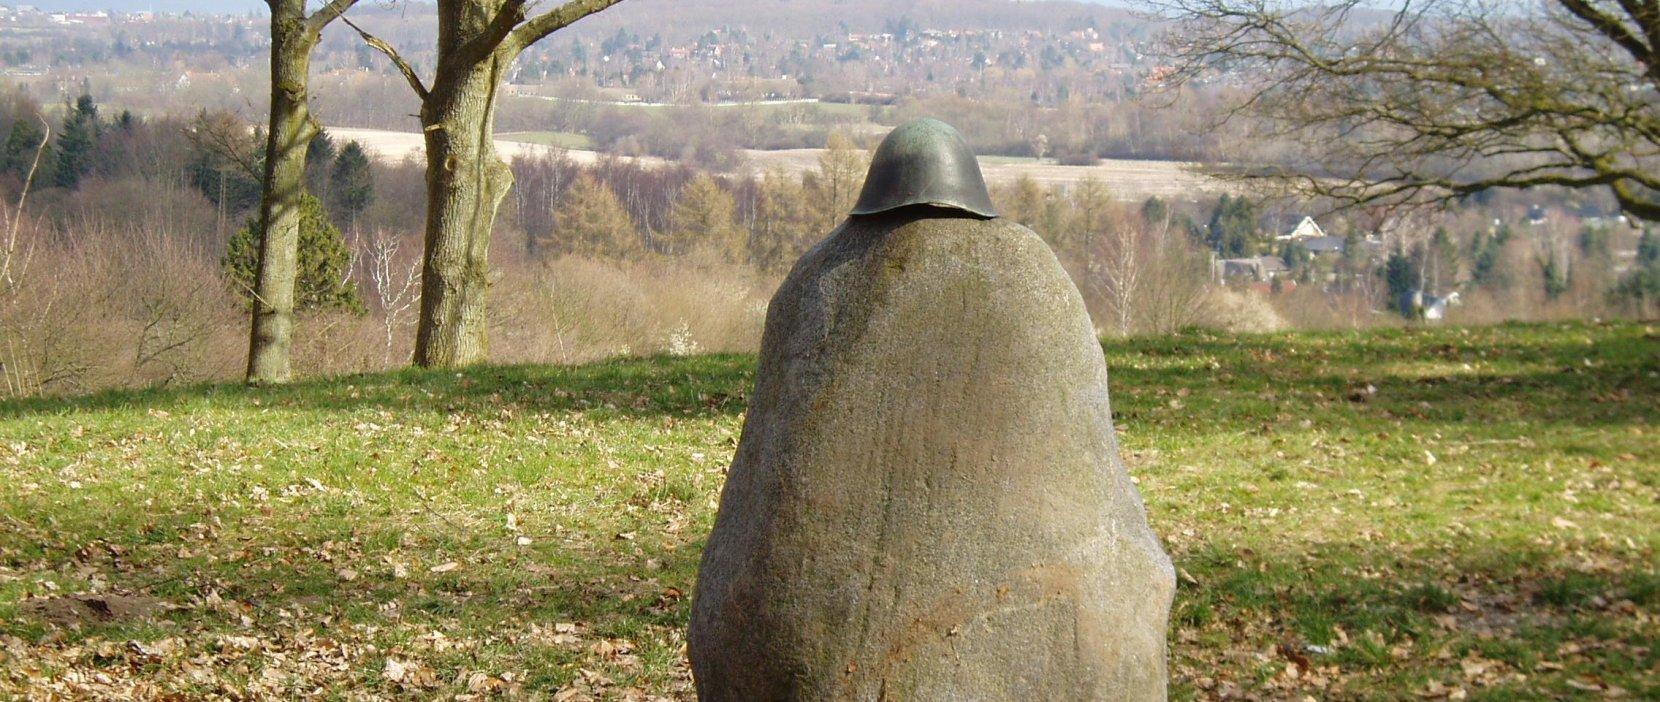 Mollerup mindesten på toppen af Høje Sandbjerg